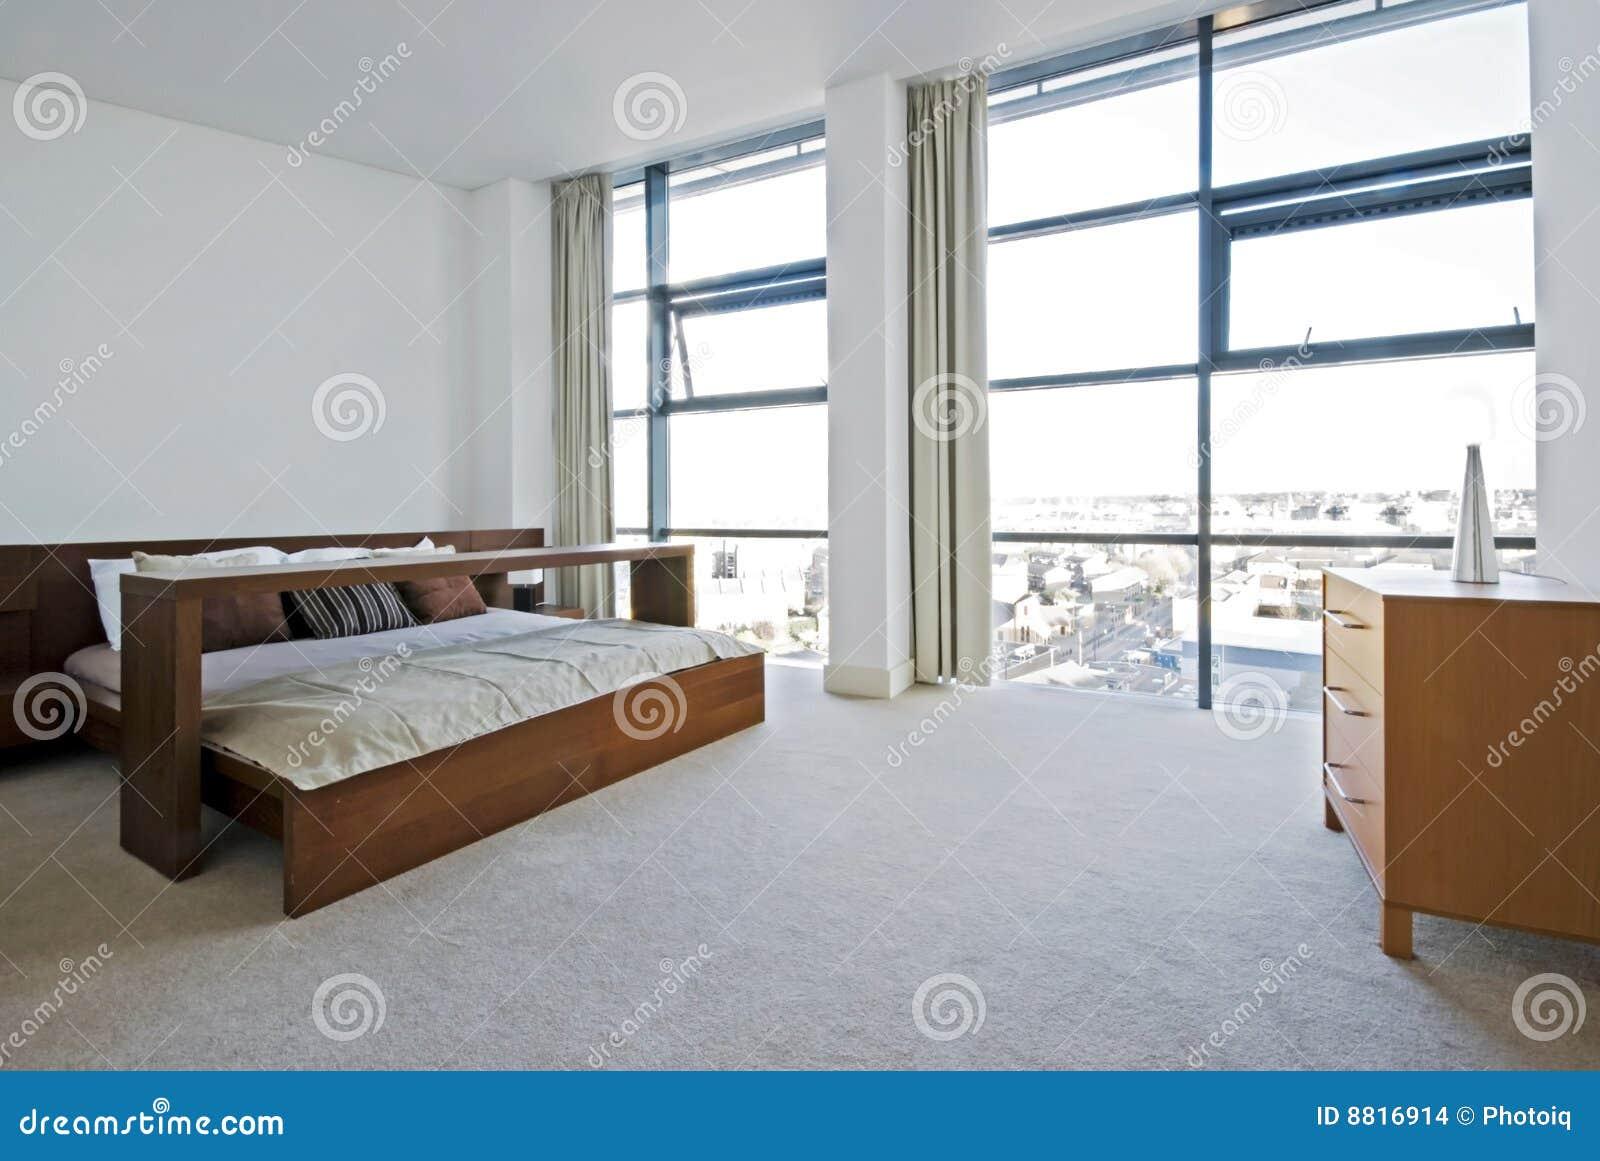 Camera da letto di lusso con il pavimento alle finestre for Finestre a soffitto